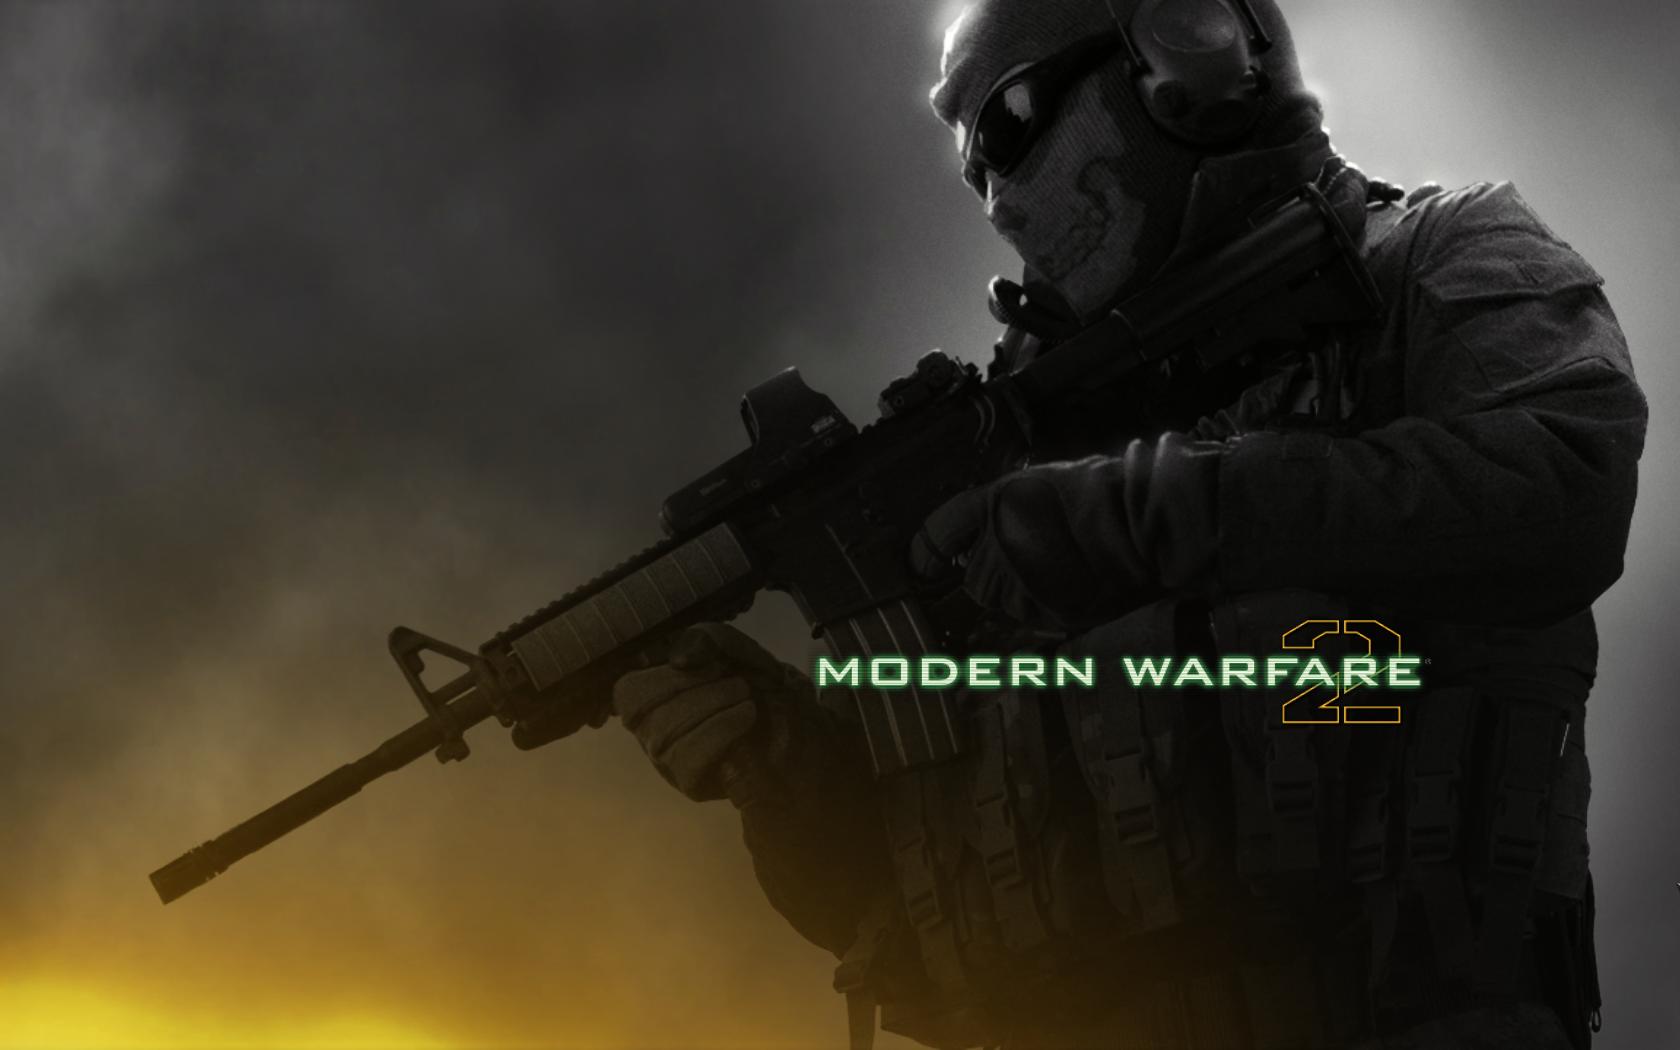 Modern Warfare 2 Ghost in the Mist Wallpaper, Modern Warfare 2 Ghost ...